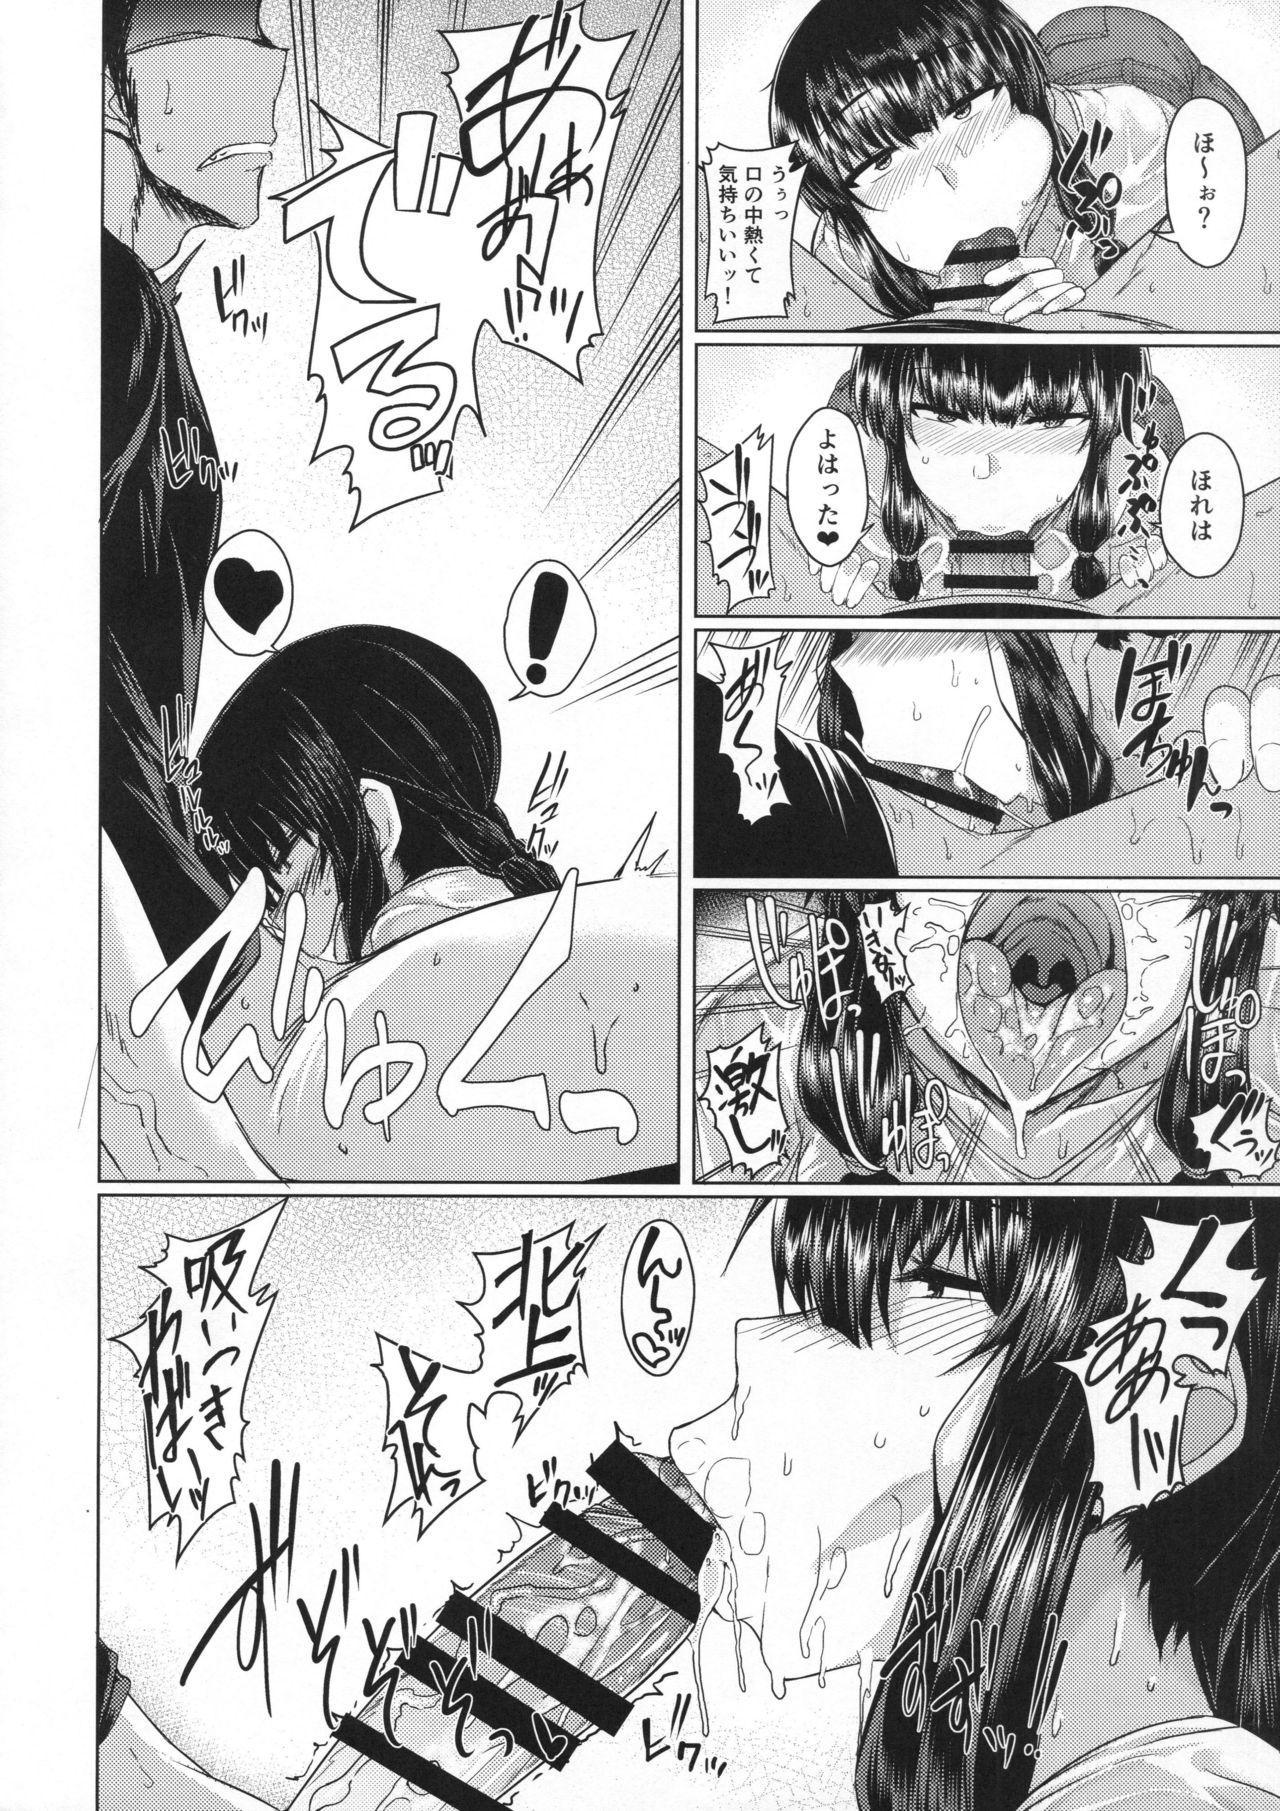 Kitakami-sama to H suru Hon sono 2 6